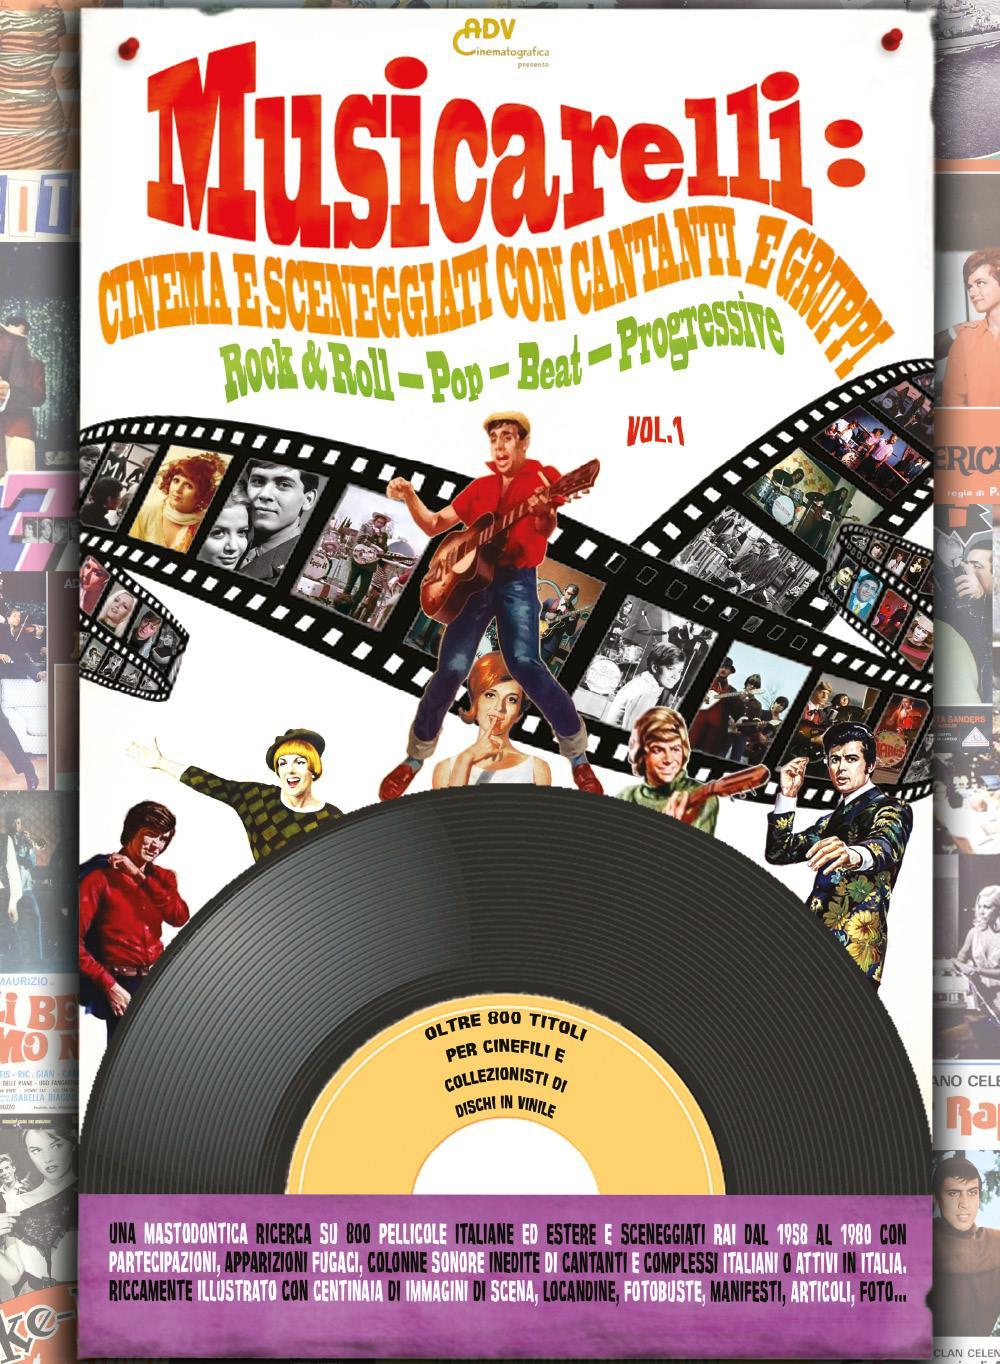 Musicarelli: Cinema e Sceneggiati con cantanti e gruppi Rock & Roll - Pop - Beat - Progressive (Vol.1)